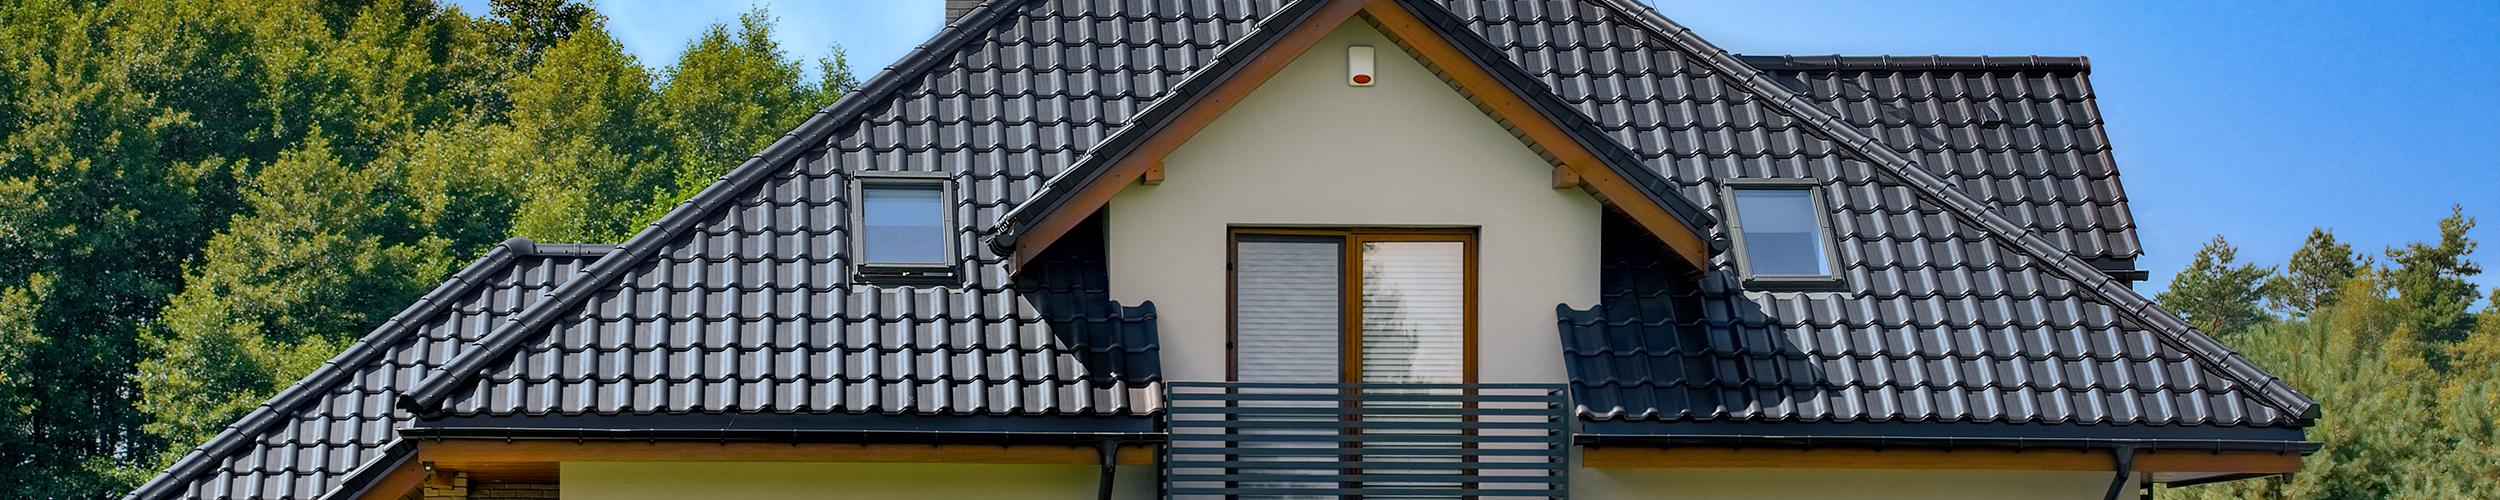 Dom w sansewieriach z dachówką marki CREATON według projektu ARCHON+